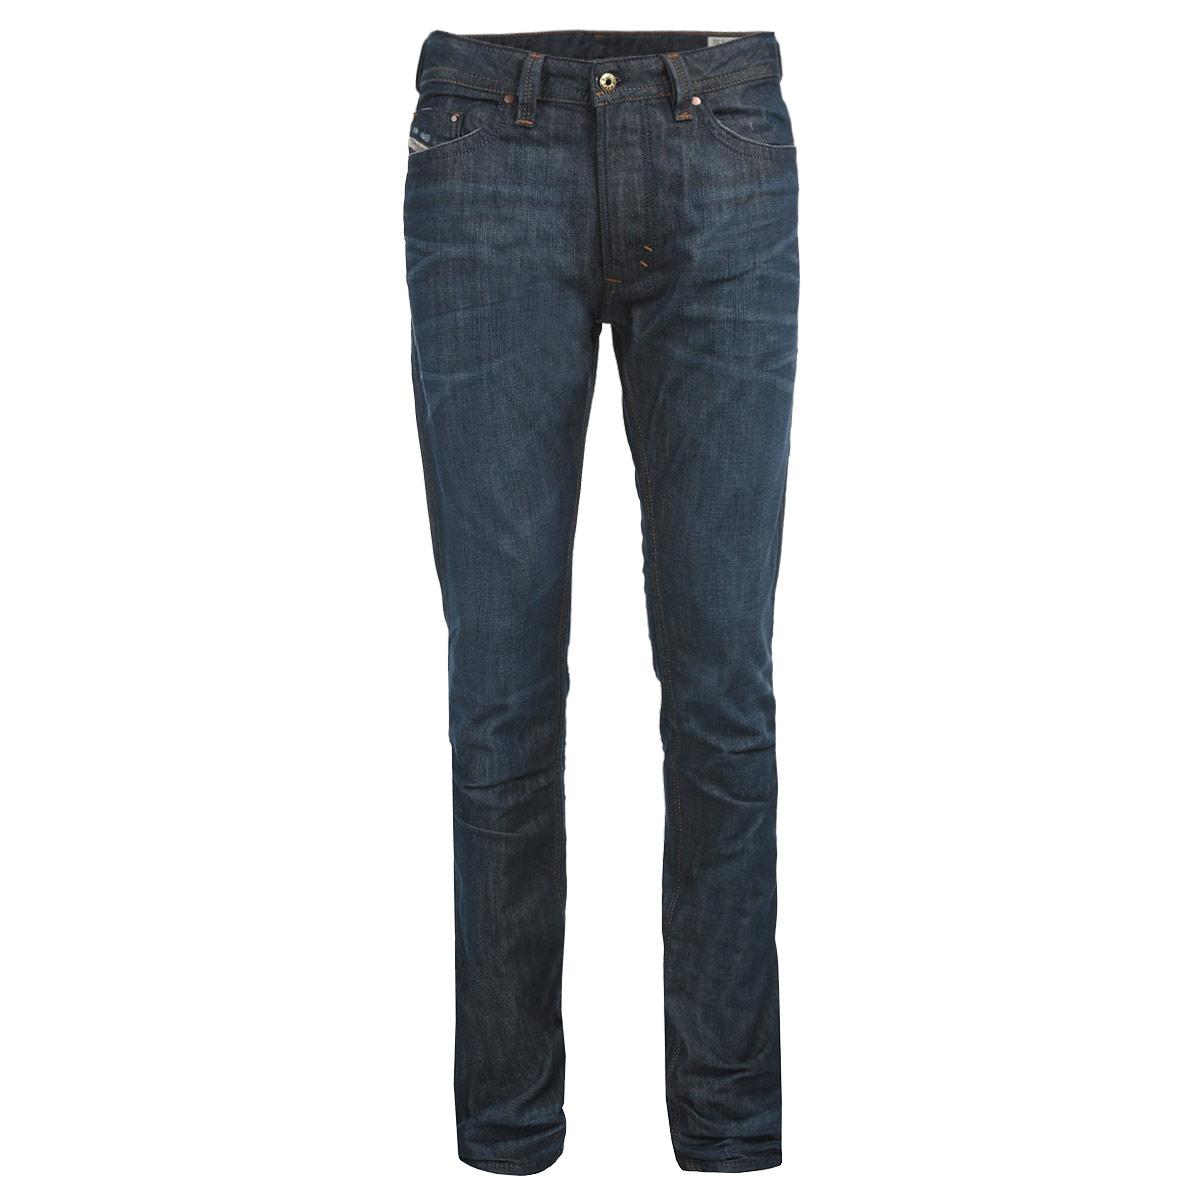 Джинсы мужские Diesel, цвет: темно-синий. 00CKS1-0842N/01. Размер 30 (46) джинсы diesel 00cnyv 0670b 01